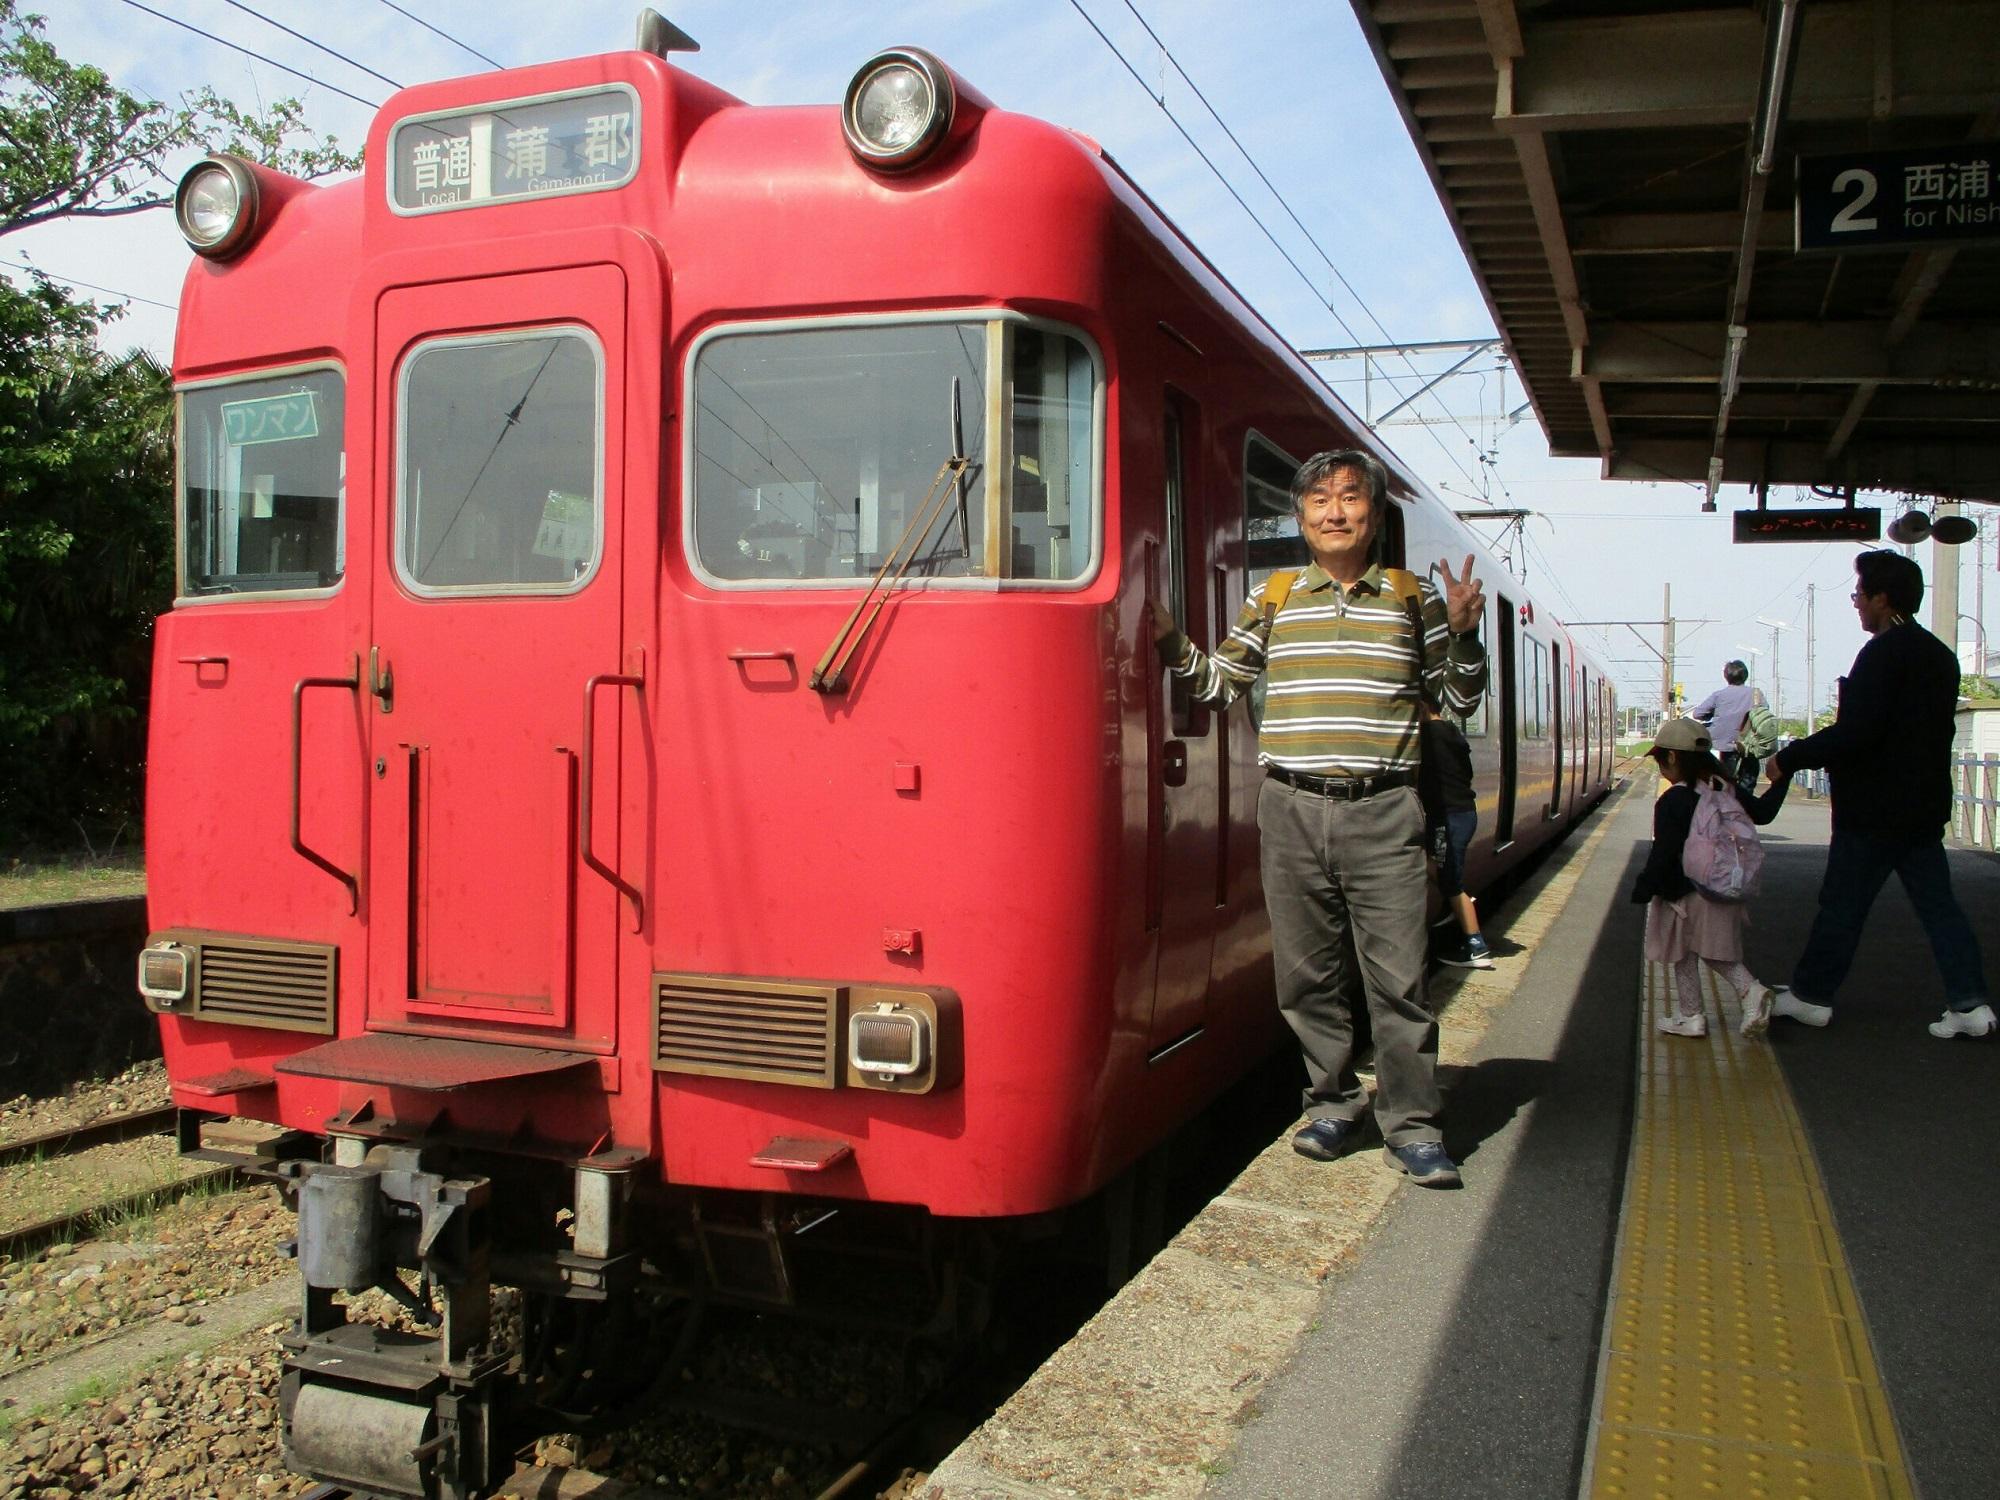 2019.5.3 (19) 吉良吉田 - 蒲郡いきふつう 2000-1500